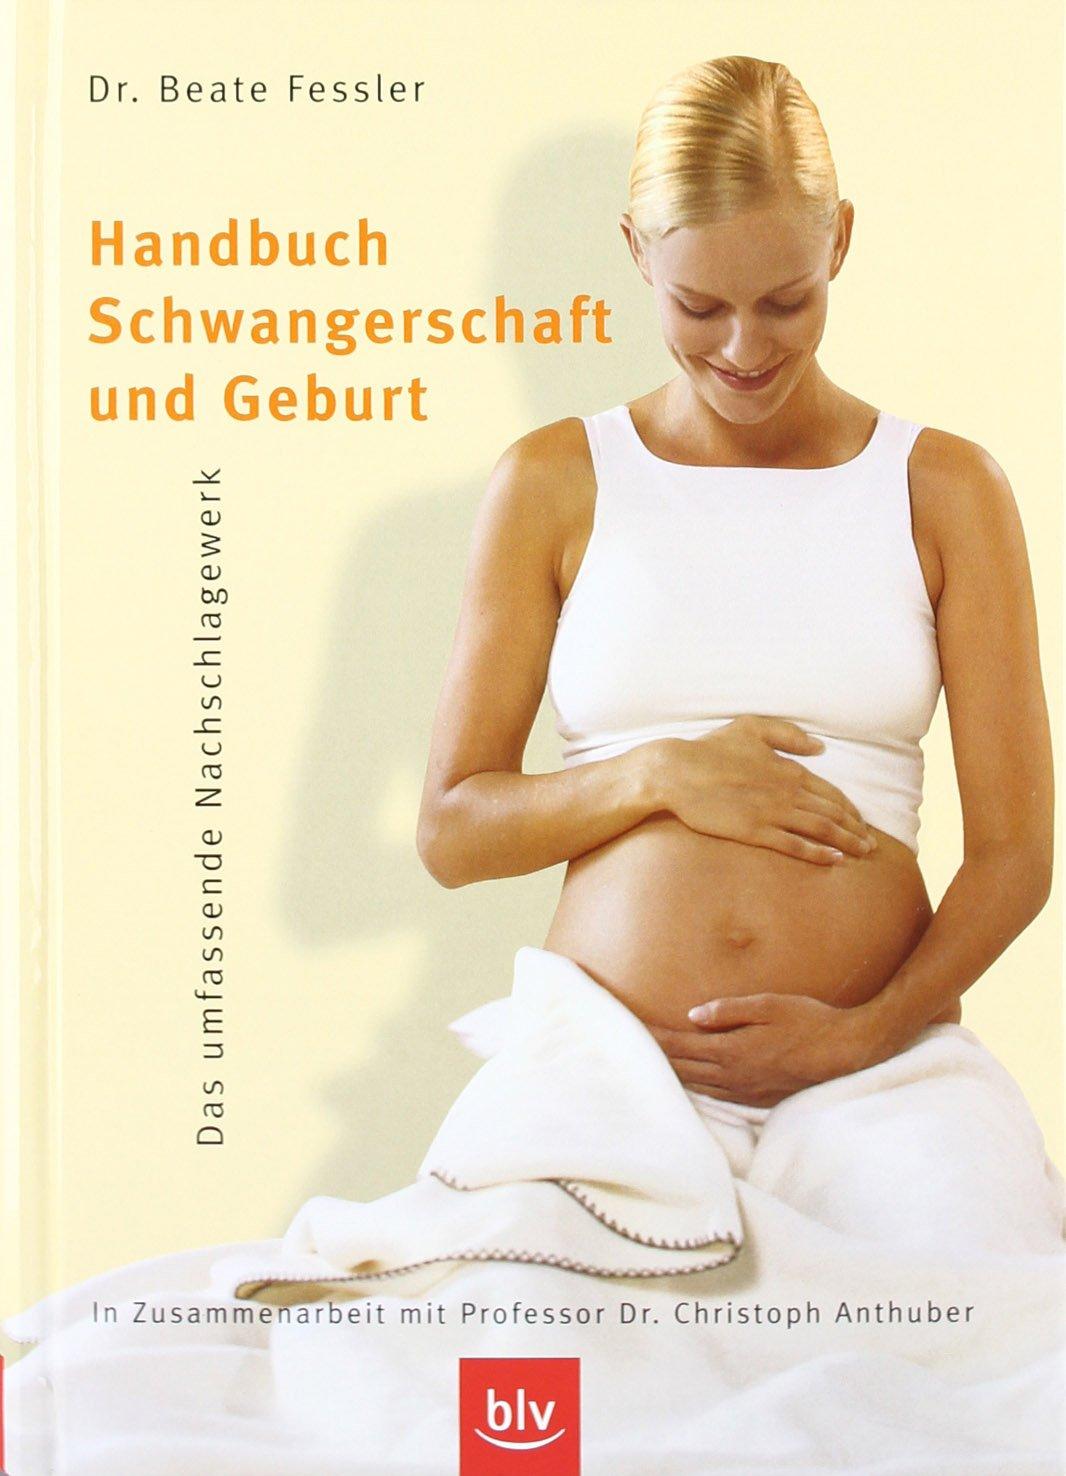 Handbuch Schwangerschaft und Geburt: Das umfassende Nachschlagewerk